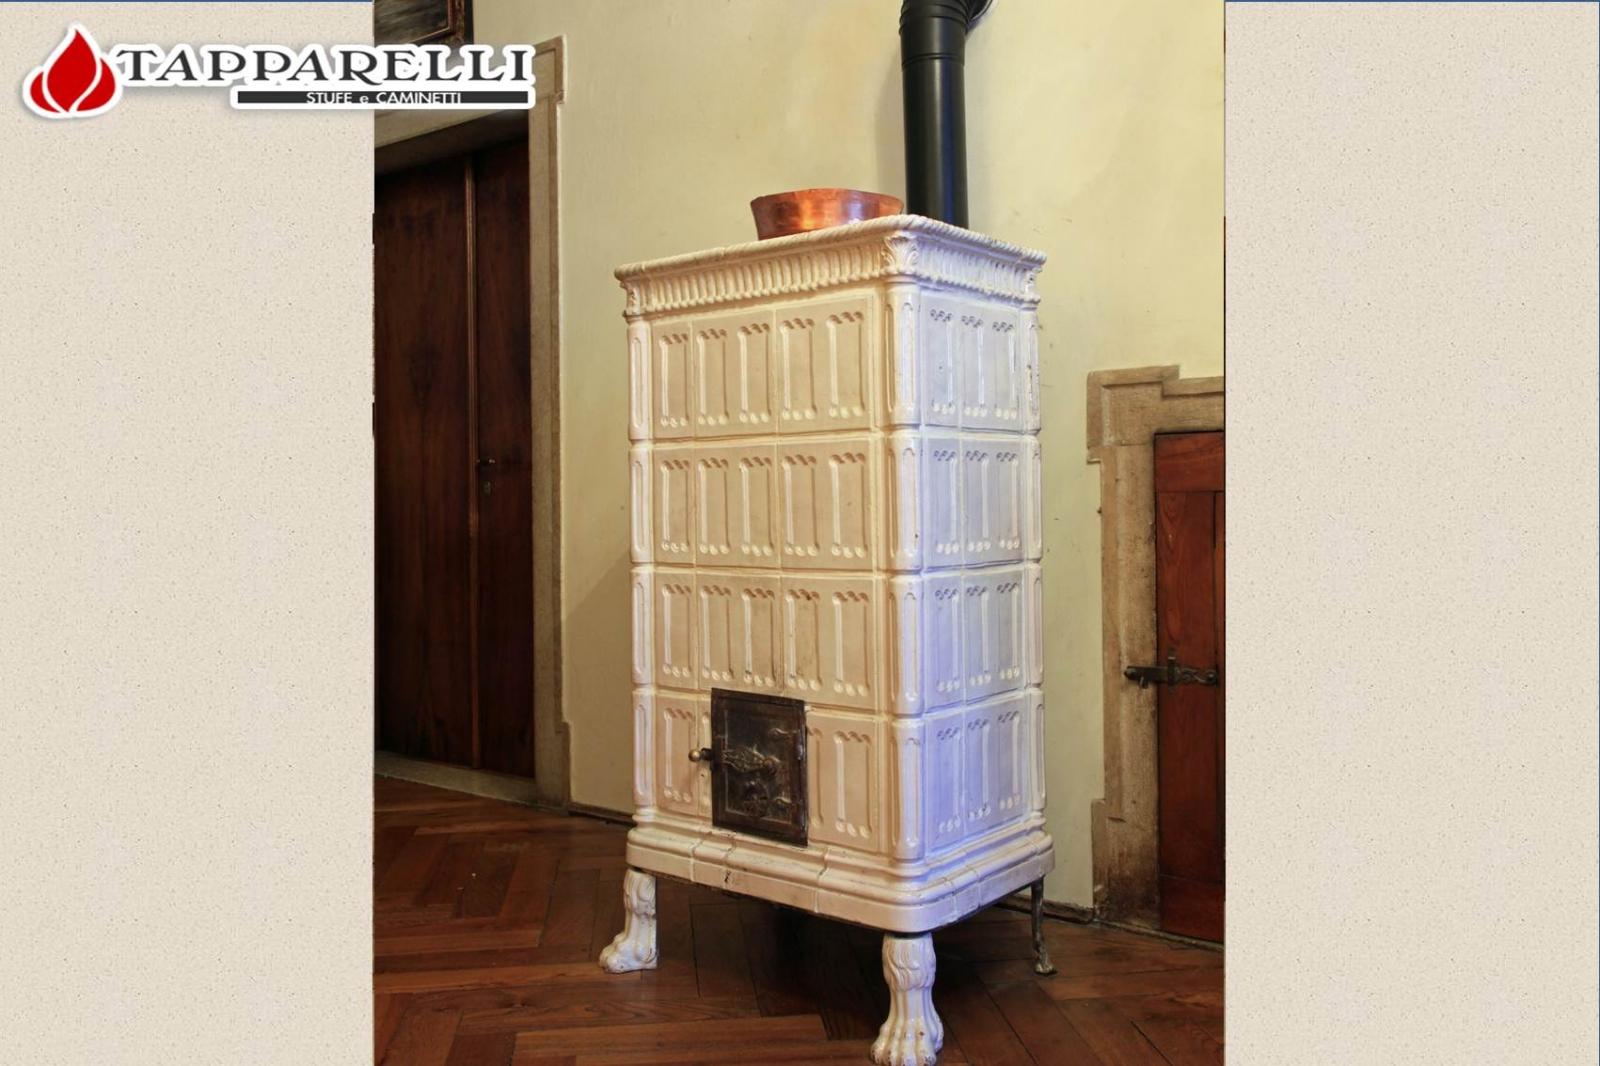 Tapparelli stufe installazione climatizzatore for Enderle trento